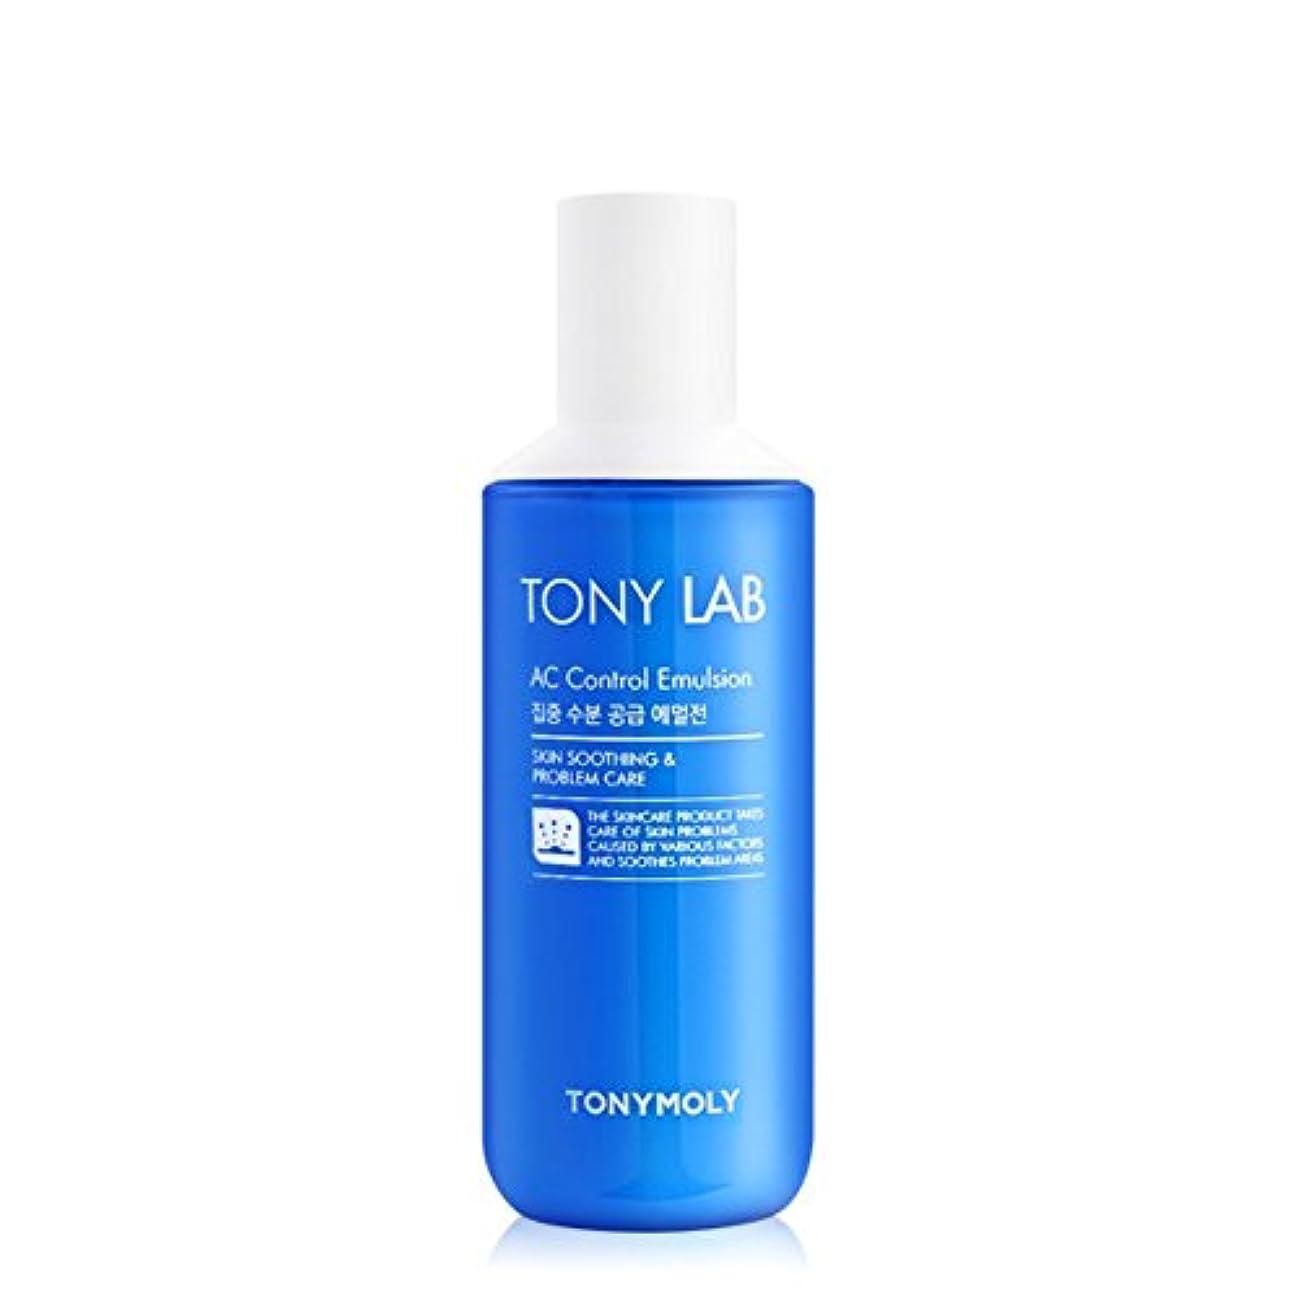 焼く蘇生する不道徳[2016 New] TONYMOLY Tony Lab AC Control Emulsion 160ml/トニーモリー トニー ラボ AC コントロール エマルジョン 160ml